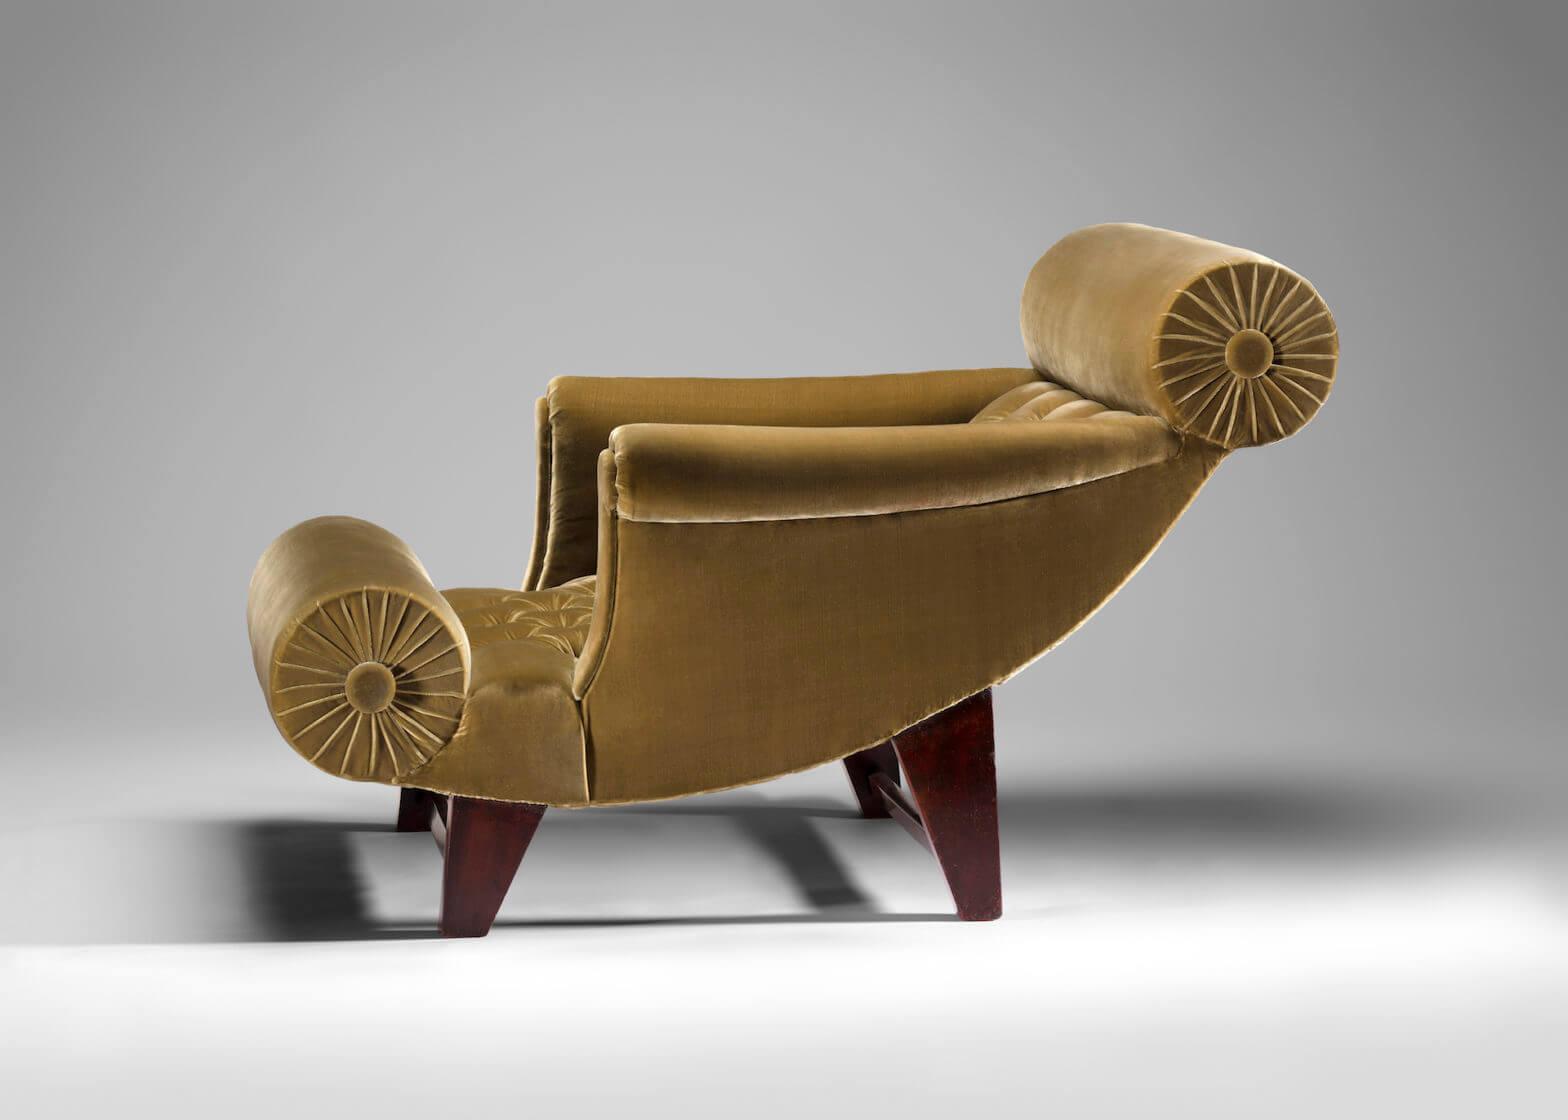 Adolf Loos - Knieschwimmer armchair